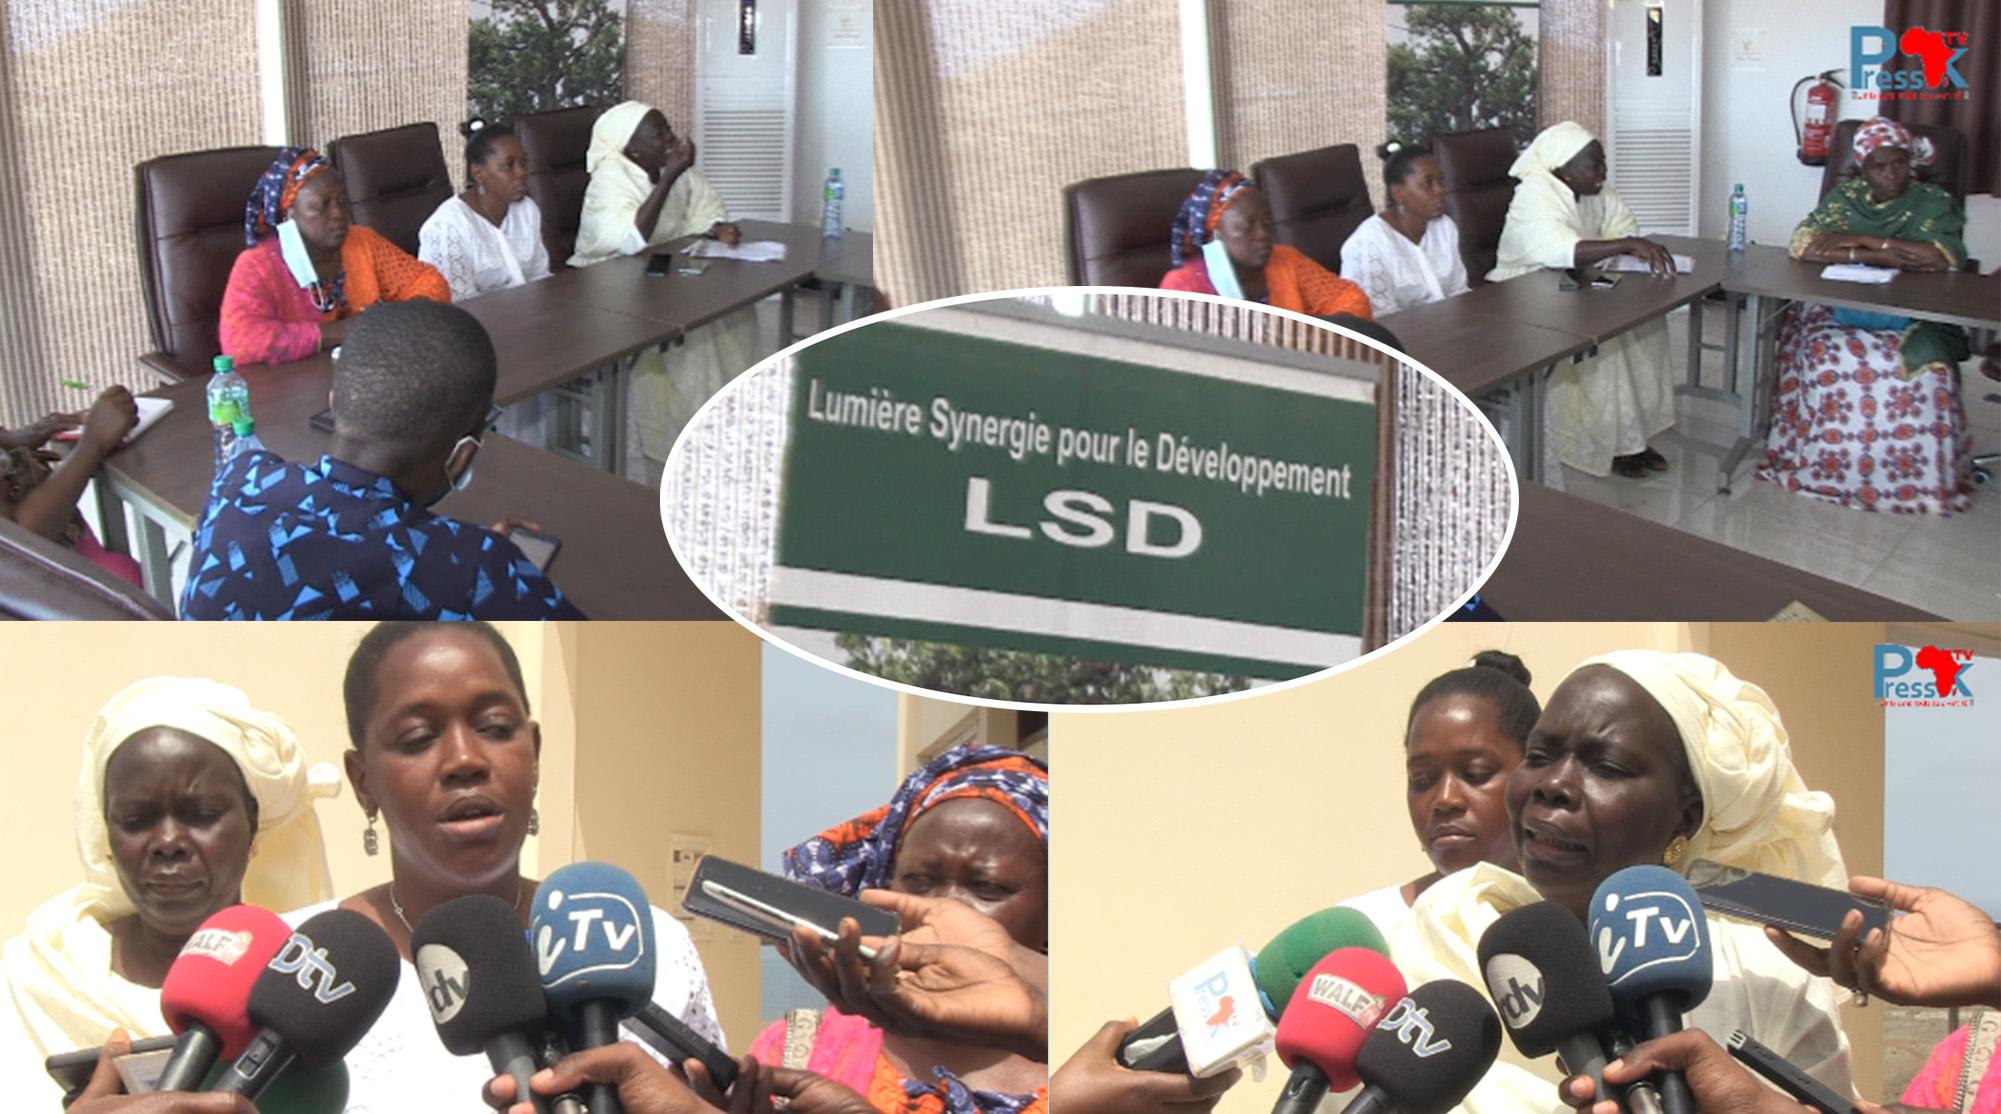 Centrale Bargny: LSD et les Femmes de Bargny réclament une justice climatique pour les populations